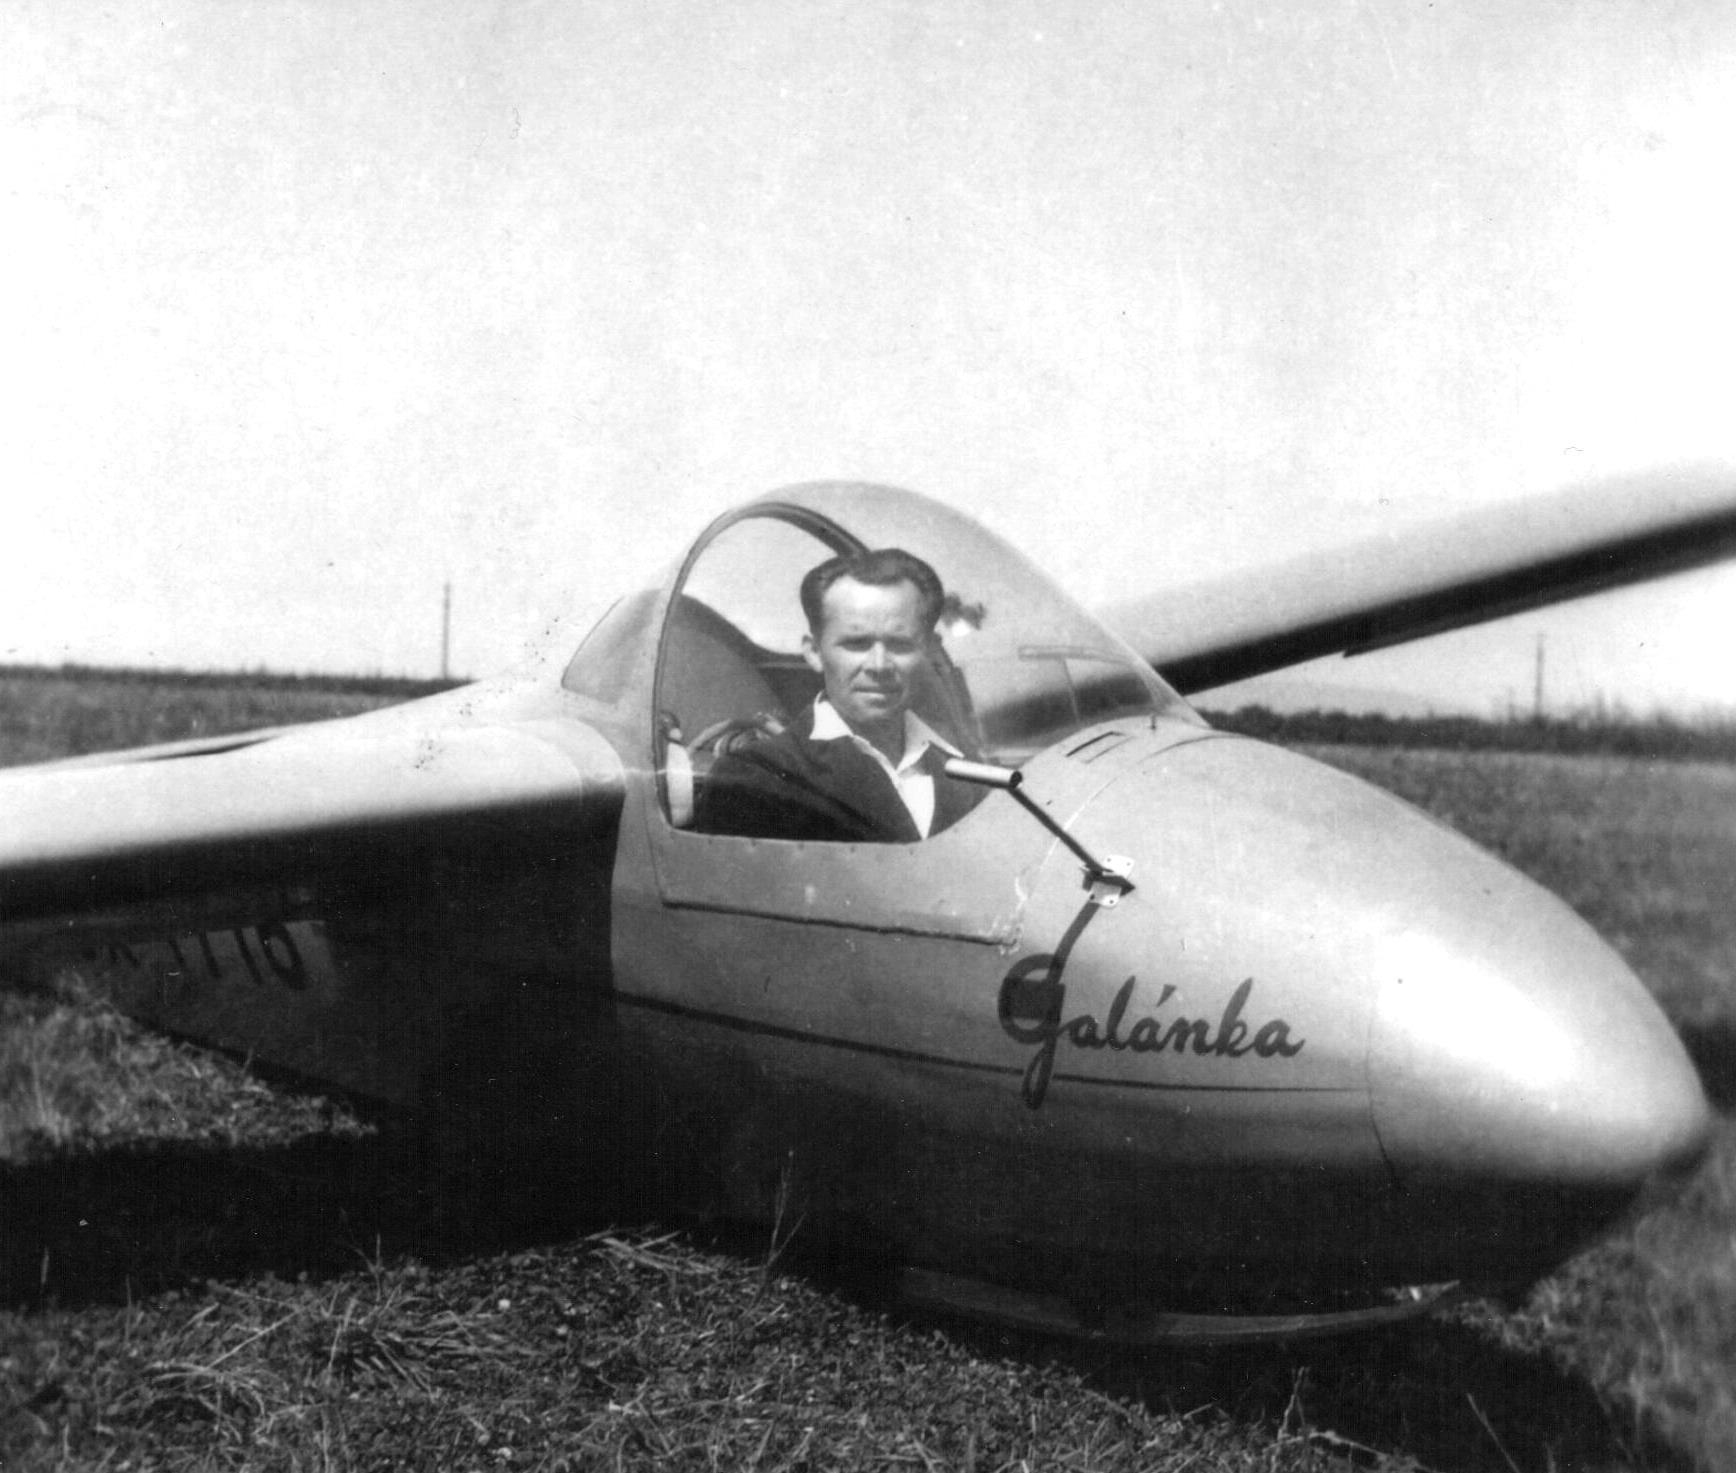 Jar. Hamala ve větroni Z-124 Galánka